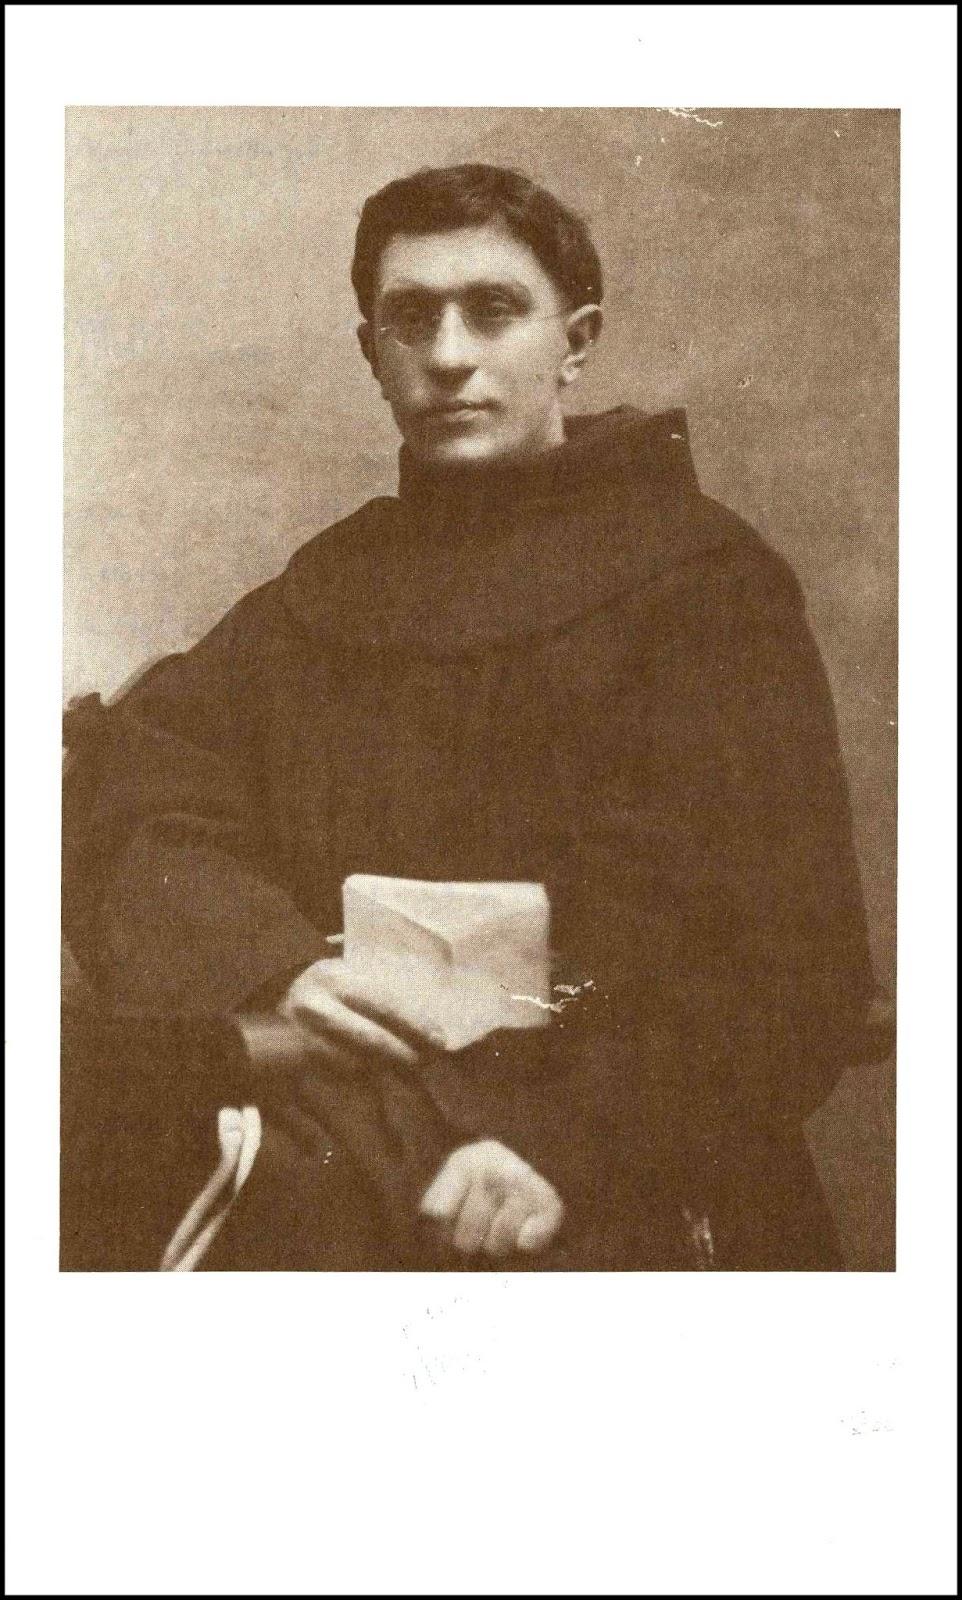 Padre Agostino Gemelli - Santuario di Sant'Antonio a Milano